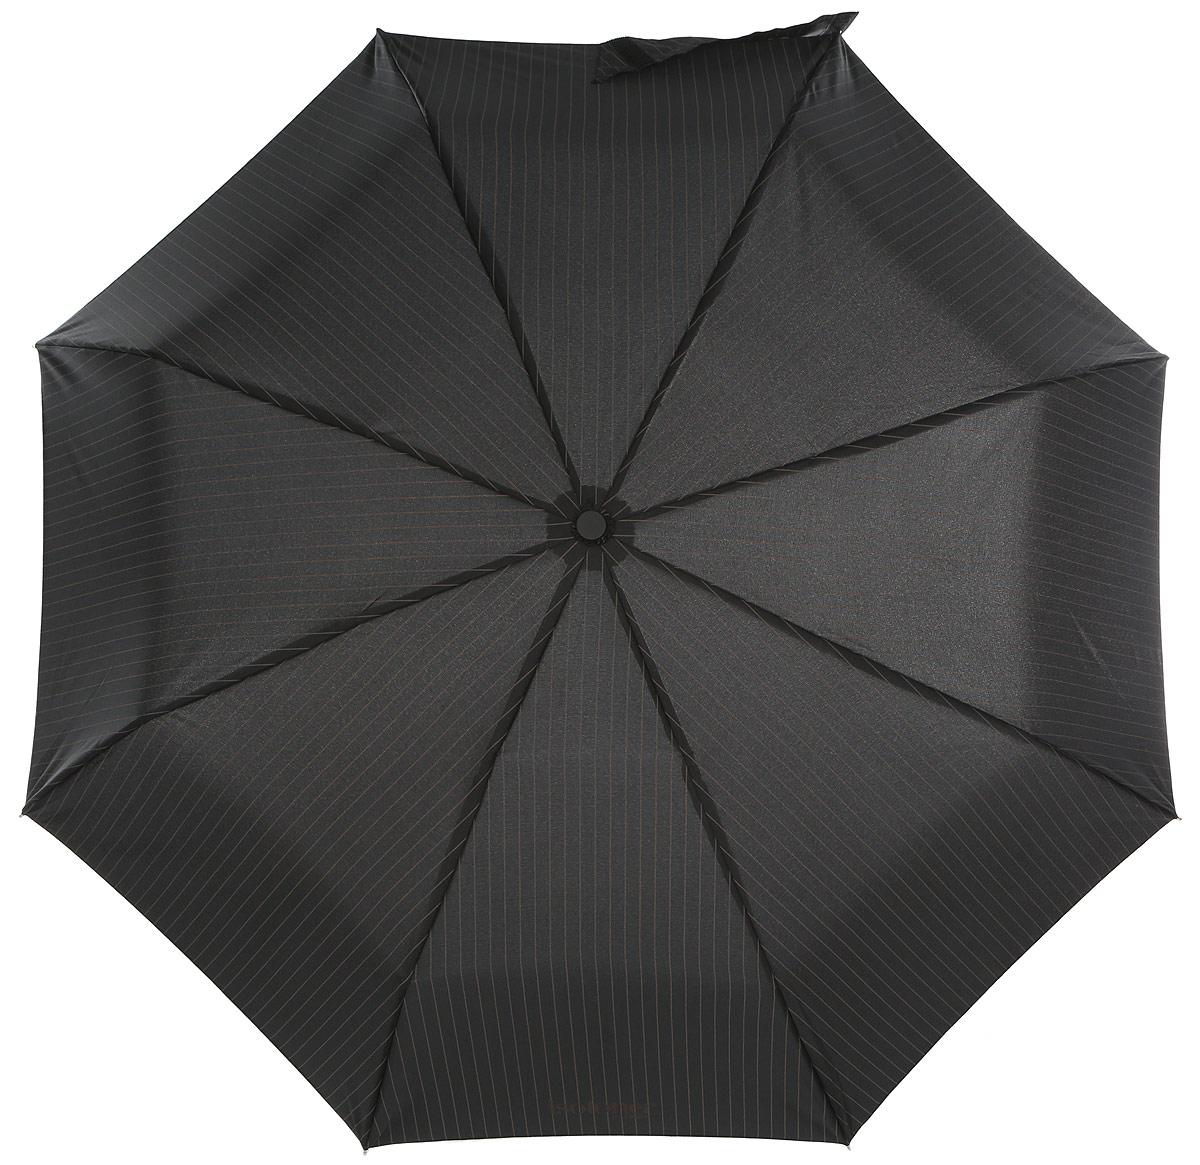 Зонт мужской Isotoner, автомат, 3 сложения, цвет: черный, коричневый. 09379-109379-1_ПолосаСтильный автоматический зонт Isotoner с технологией X-tra Solide оформлен принтом полоска. Зонт оснащен надежным металлическим каркасом с восьмью спицами из алюминия и стекловолокна. Купол изготовлен из прочного полиэстера. Зонт имеет автоматический механизм сложения: купол открывается и закрывается нажатием кнопки на рукоятке, стержень складывается вручную до характерного щелчка, благодаря чему открыть зонт можно одной рукой, что чрезвычайно удобно при выходе из транспорта или помещения. Эргономичная рукоятка из пластика дополнена эластичной петлей. К зонту прилагается чехол. Такой зонт не только надежно защитит вас от дождя, но и станет стильным аксессуаром, который идеально подчеркнет ваш образ.